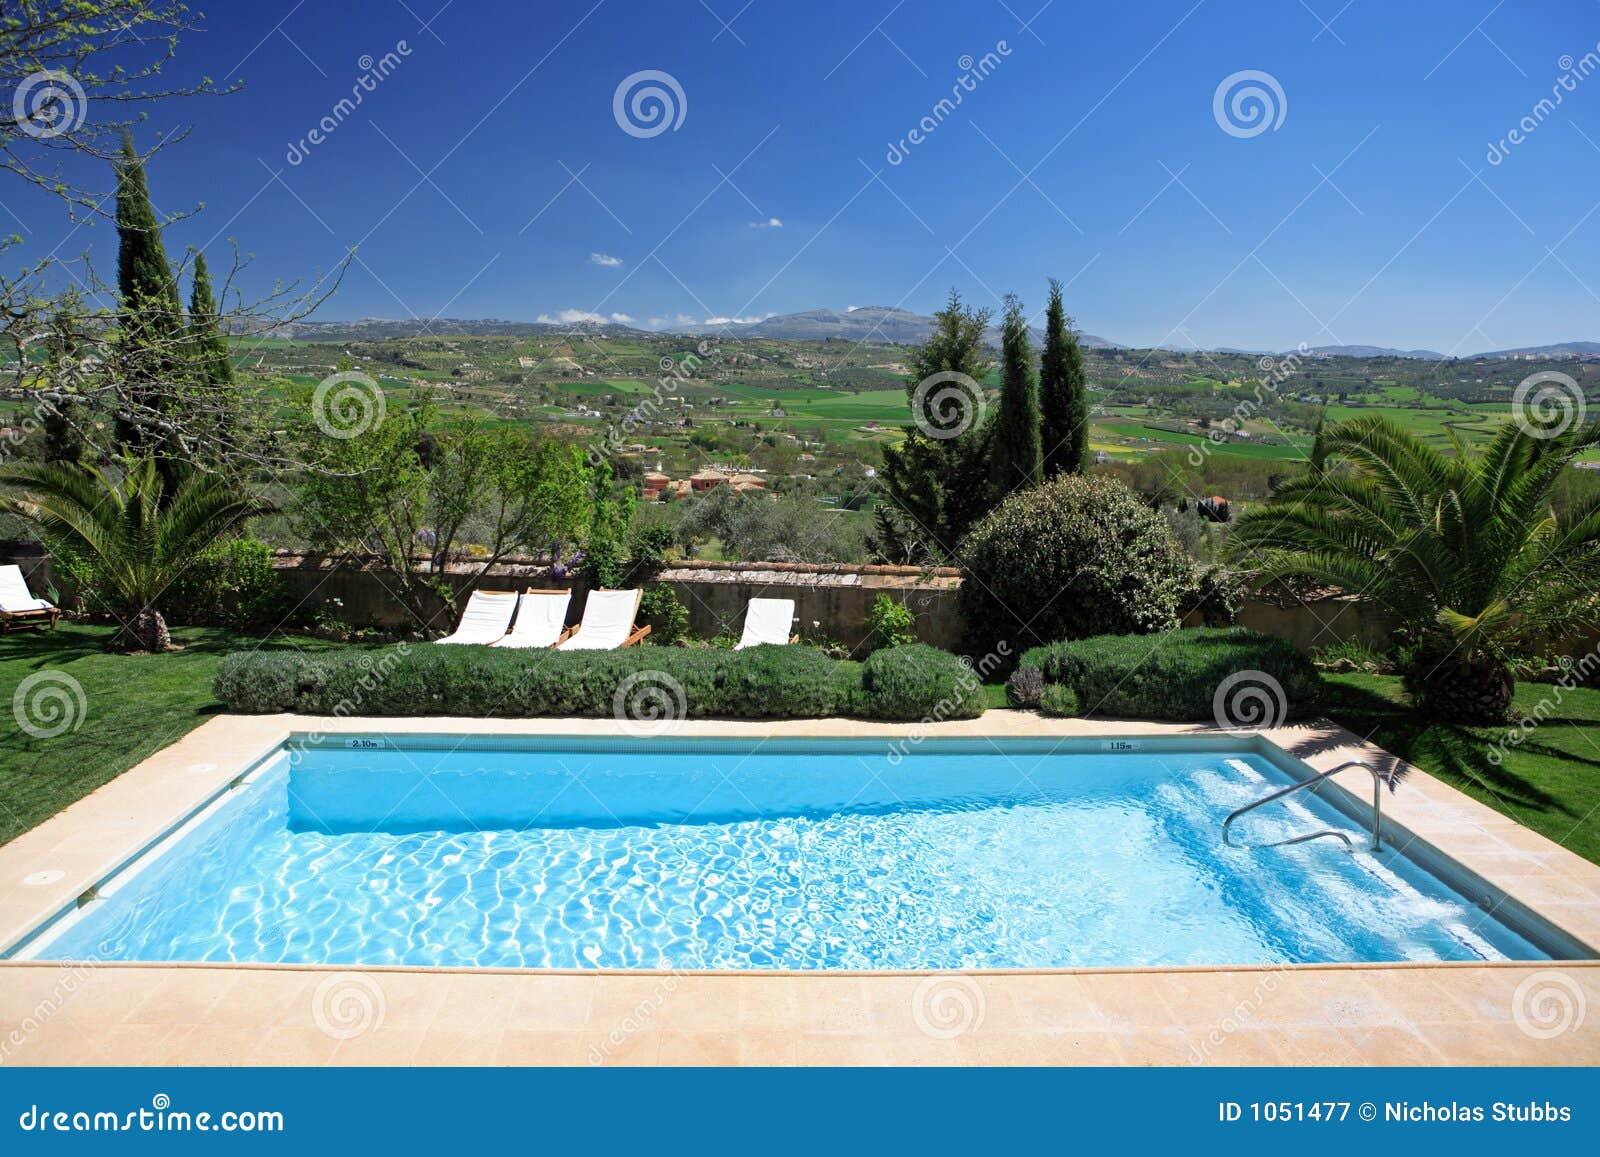 Hotel y piscina r sticos de lujo en campo fotograf a de archivo libre de regal as imagen 1051477 - Piscinas en el campo ...